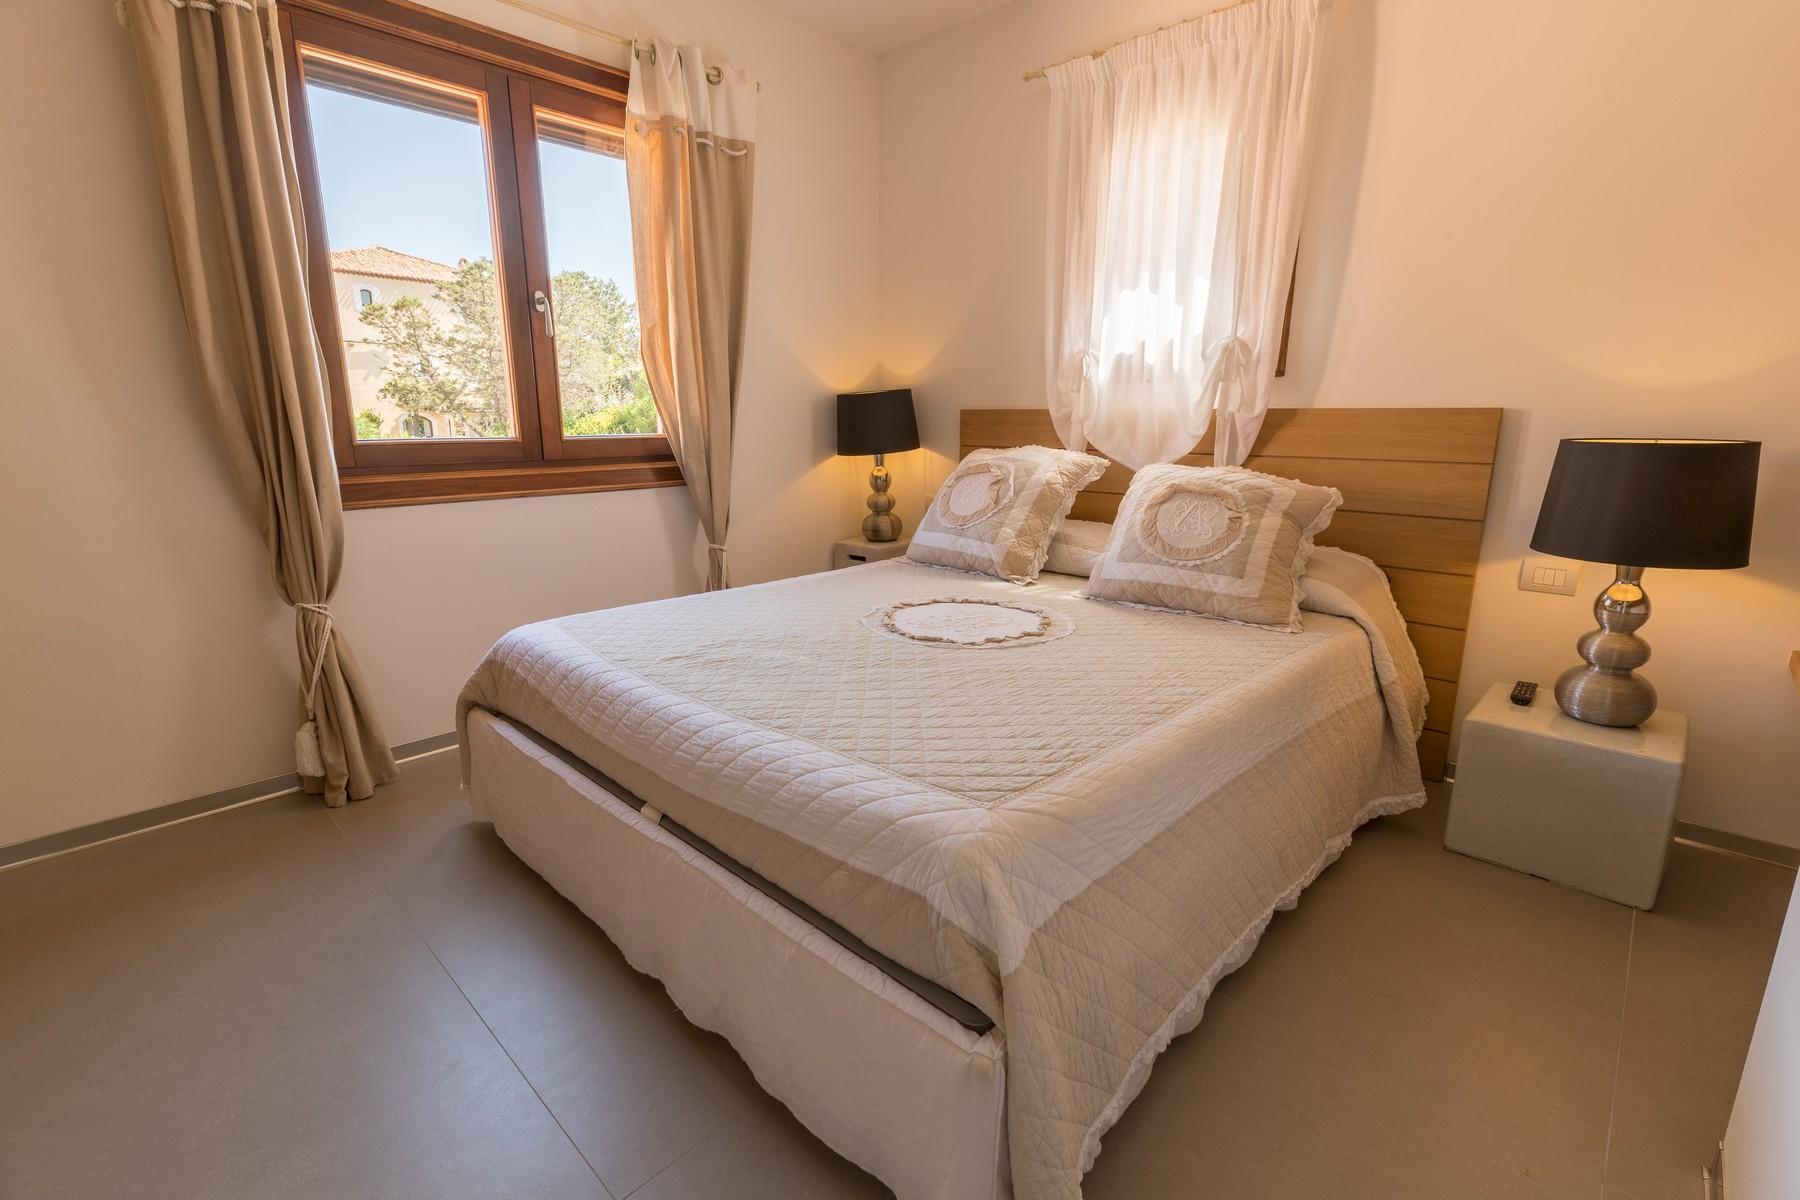 Appartamento in Vendita a Arzachena: 3 locali, 55 mq - Foto 14